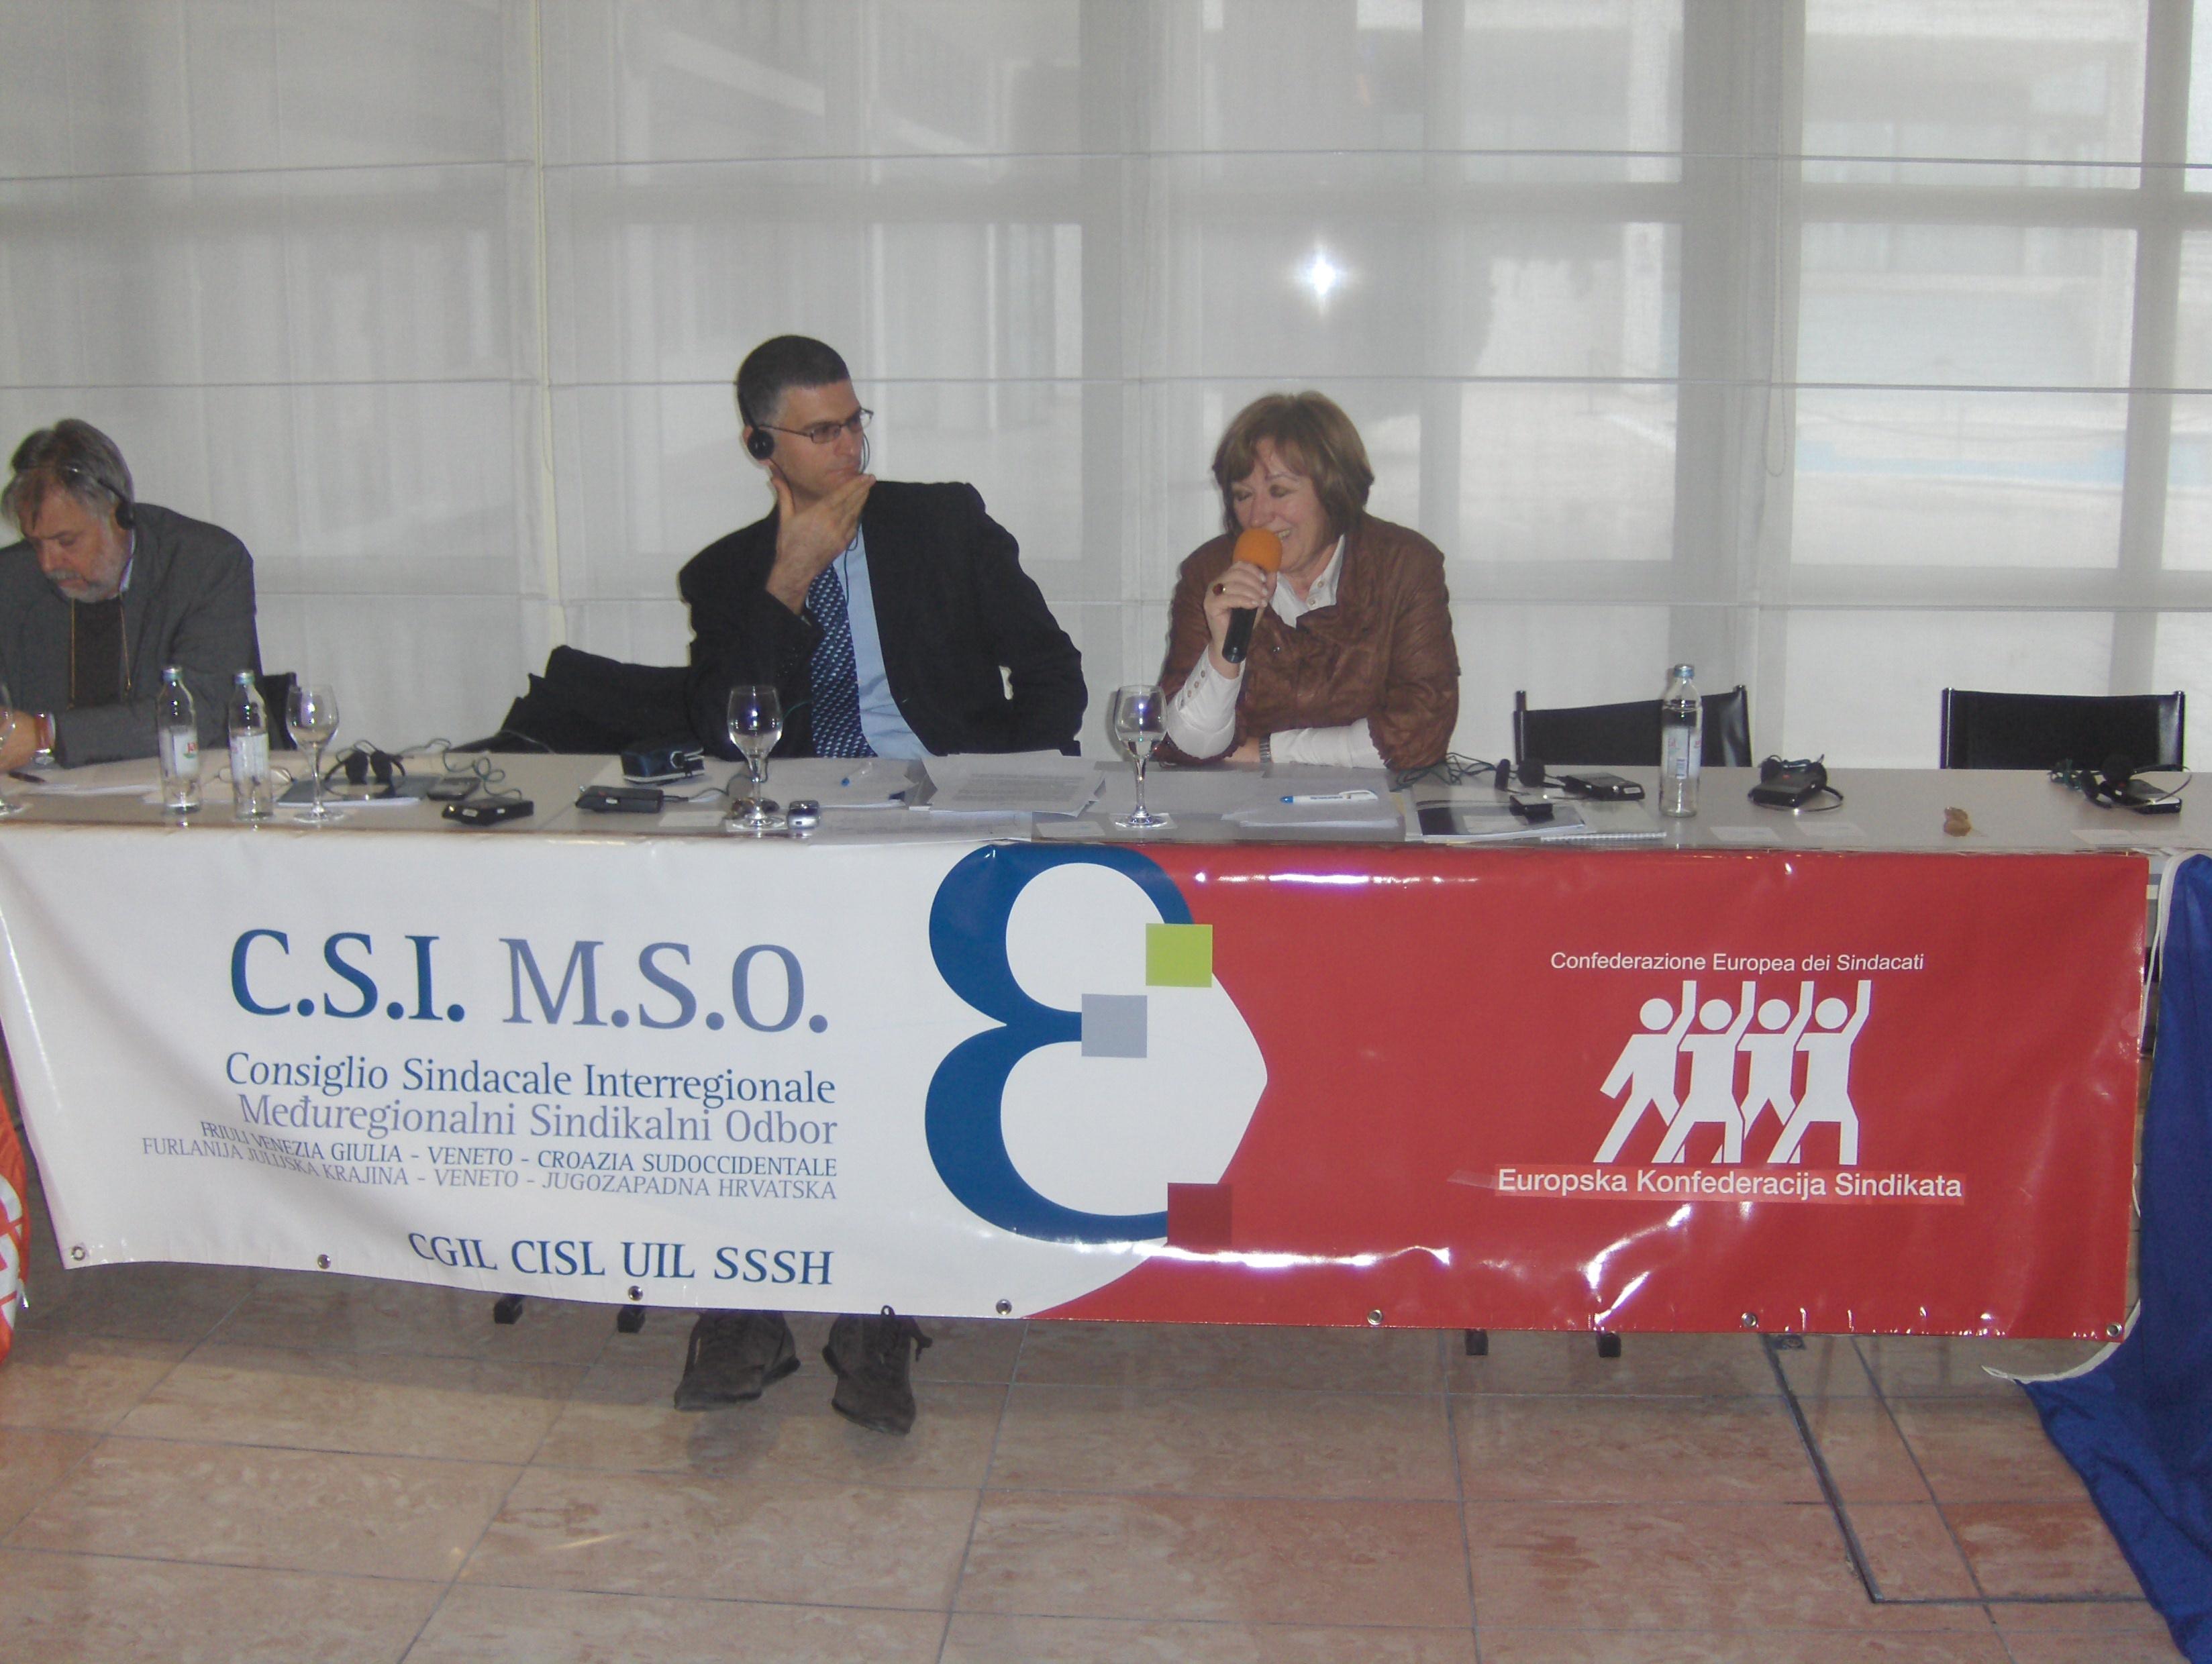 Riunione dell'assemblea generale del C.S.IR. 29 novembre 2012